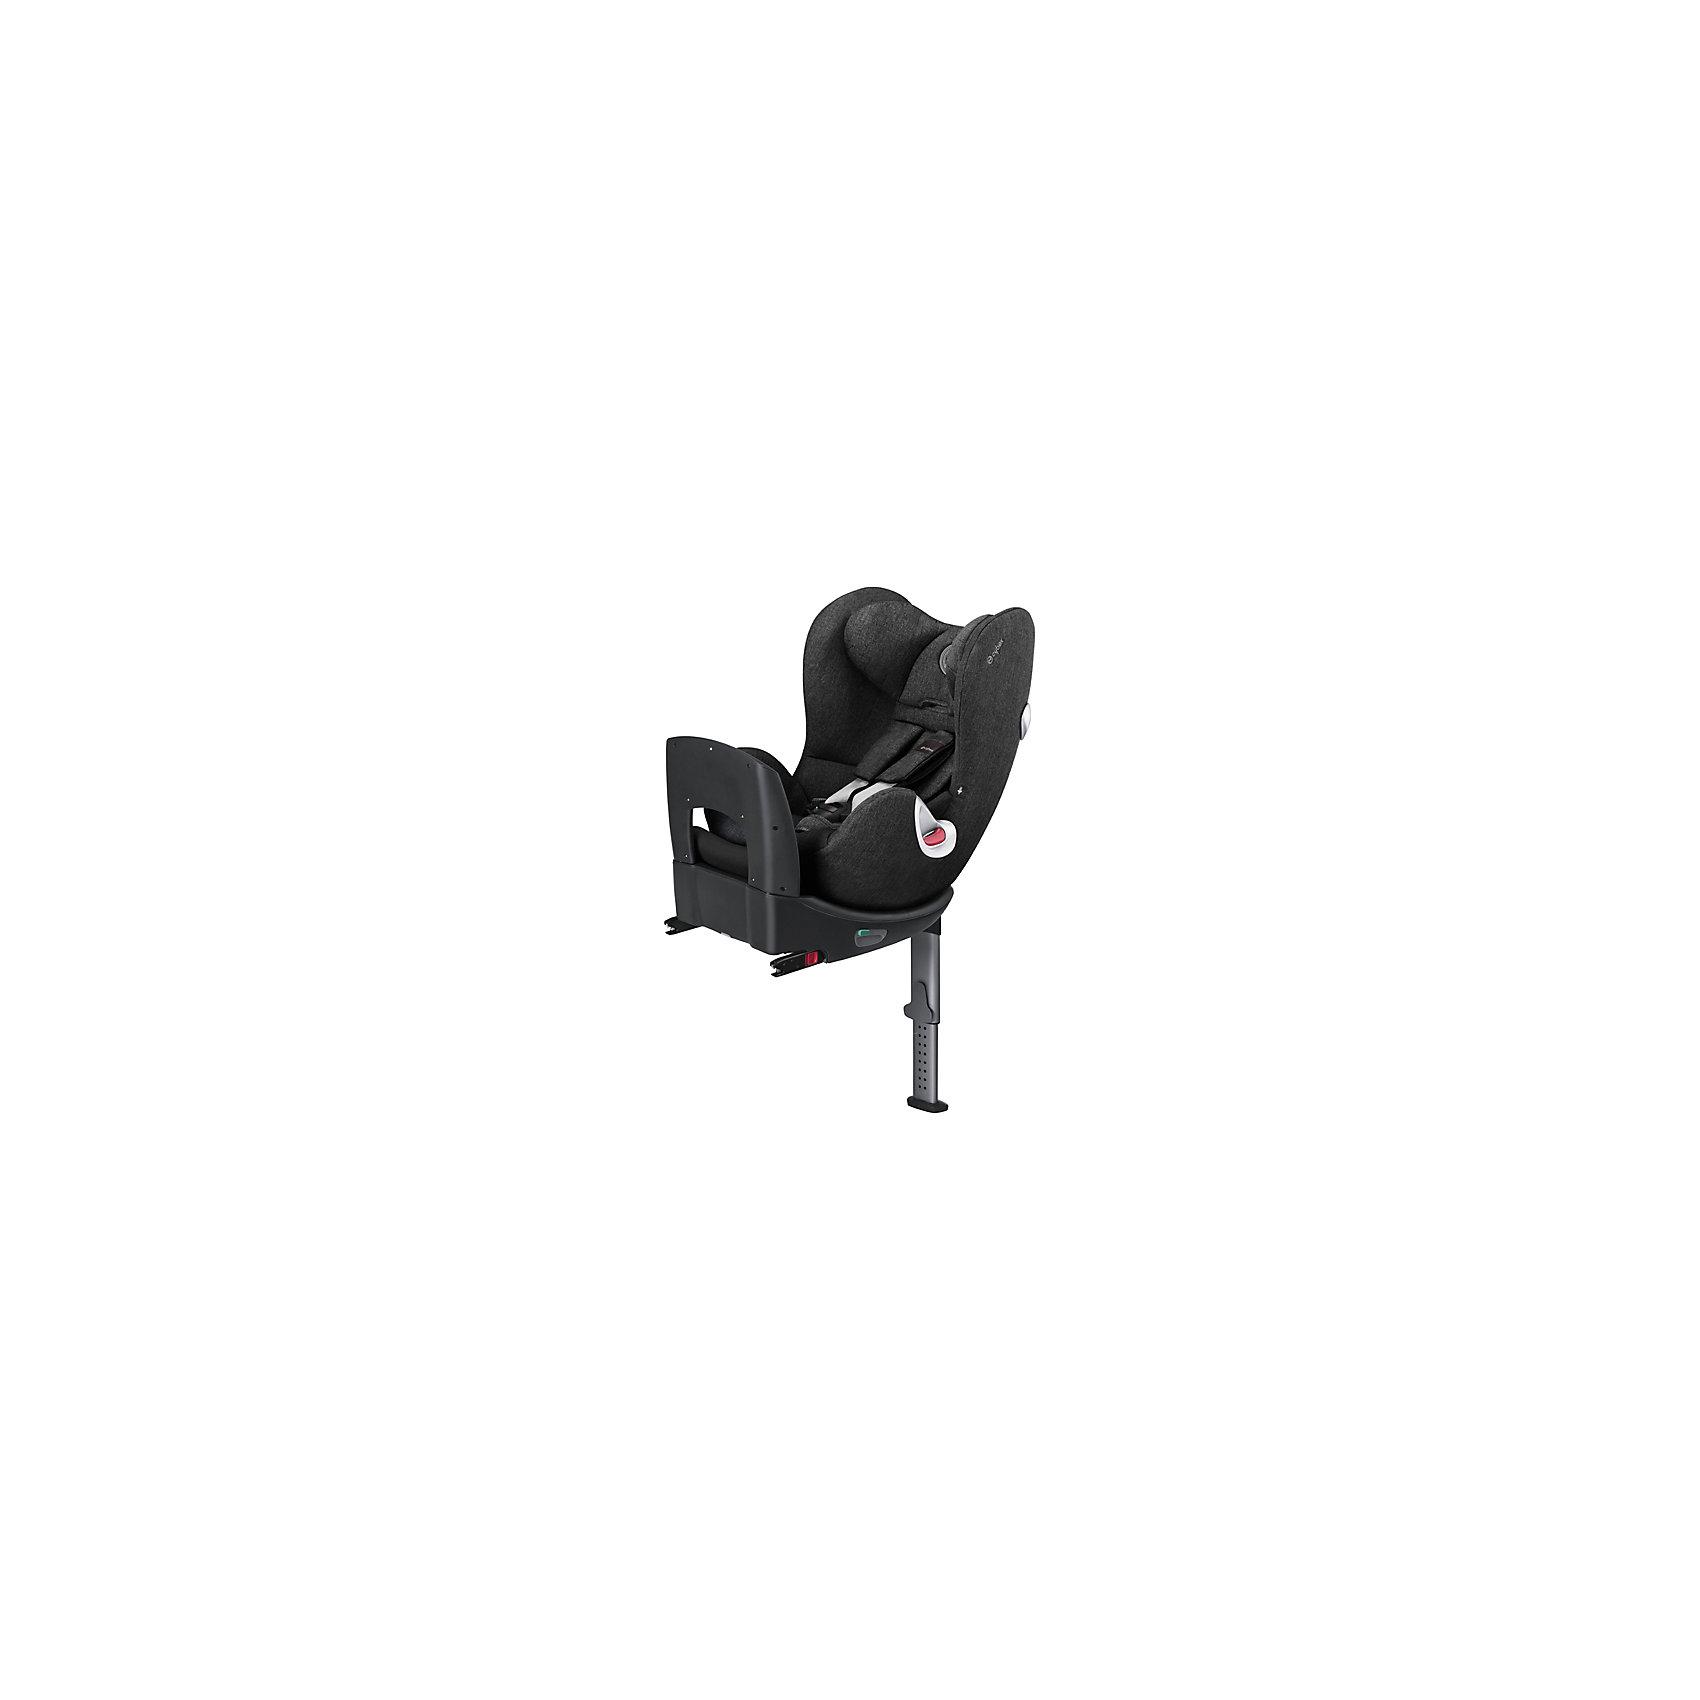 Автокресло Sirona PLUS, 0-25 кг., Cybex, Black Beauty